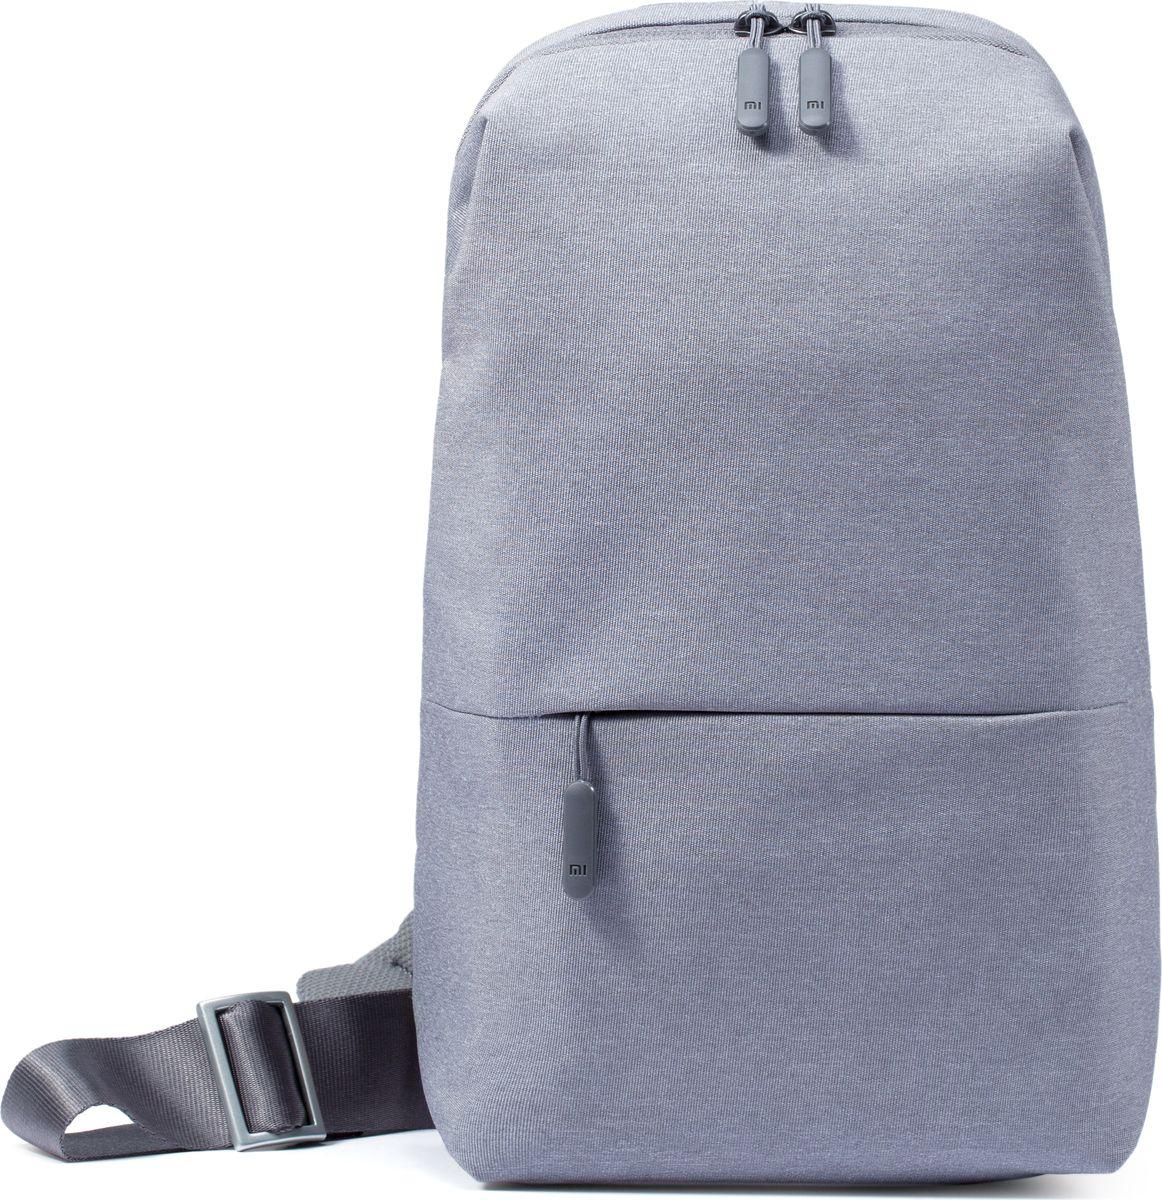 Xiaomi Mi City Sling Bag, Grey рюкзак для планшетаZJB4069GL;ZJB4069GLУльтракомпактный и в то же время вместительный рюкзак Mi City Sling Backpack станет оптимальным выбором для тех, кто молод и полон сил, индивидуален и уникален, устал от стереотипов и хочет выделиться из основной массы. Эта модель отлично подойдет для городских условий, ведь внутри него легко поместятся все принадлежности, так необходимые Вам в течение дня. Многоуровневая система хранения гарантирует порядок внутри рюкзака (основное отделение с вертикальной загрузкой и специальным фиксатором, две дополнительные секции и секция на молнии). Вместительный втачной карман со скрытой молнией на лицевой стороне рюкзака обеспечит удобный и быстрый доступ к наиболее часто используемым принадлежностям. Широкая, регулируемая нейлоновая лямка мягко и равномерно распределяет вес – Mi City Sling Backpack удобно носить через плечо. Вам также нет необходимости снимать рюкзак каждый раз, когда необходимо что-либо из него достать. Сетчатая поверхность «спинки» из плотной ткани обеспечивает отличную вентиляцию, позволяет вашей спине свободно «дышать». Mi City Sling Backpack изготовлен из прочного и долговечного полиэстера, устойчивого к потертостям, благодаря чему надолго сохраняет первоначальную форму и вид. Водоотталкивающее покрытие (как с внешней, так и с внутренней сторон рюкзака) в дождливый период защитит содержимое рюкзака от промокания. Надежная и износостойкая фурнитура, удобные язычки молний с пластиковыми заглушками – Mi City Sling Backpack продуманный до мелочей.